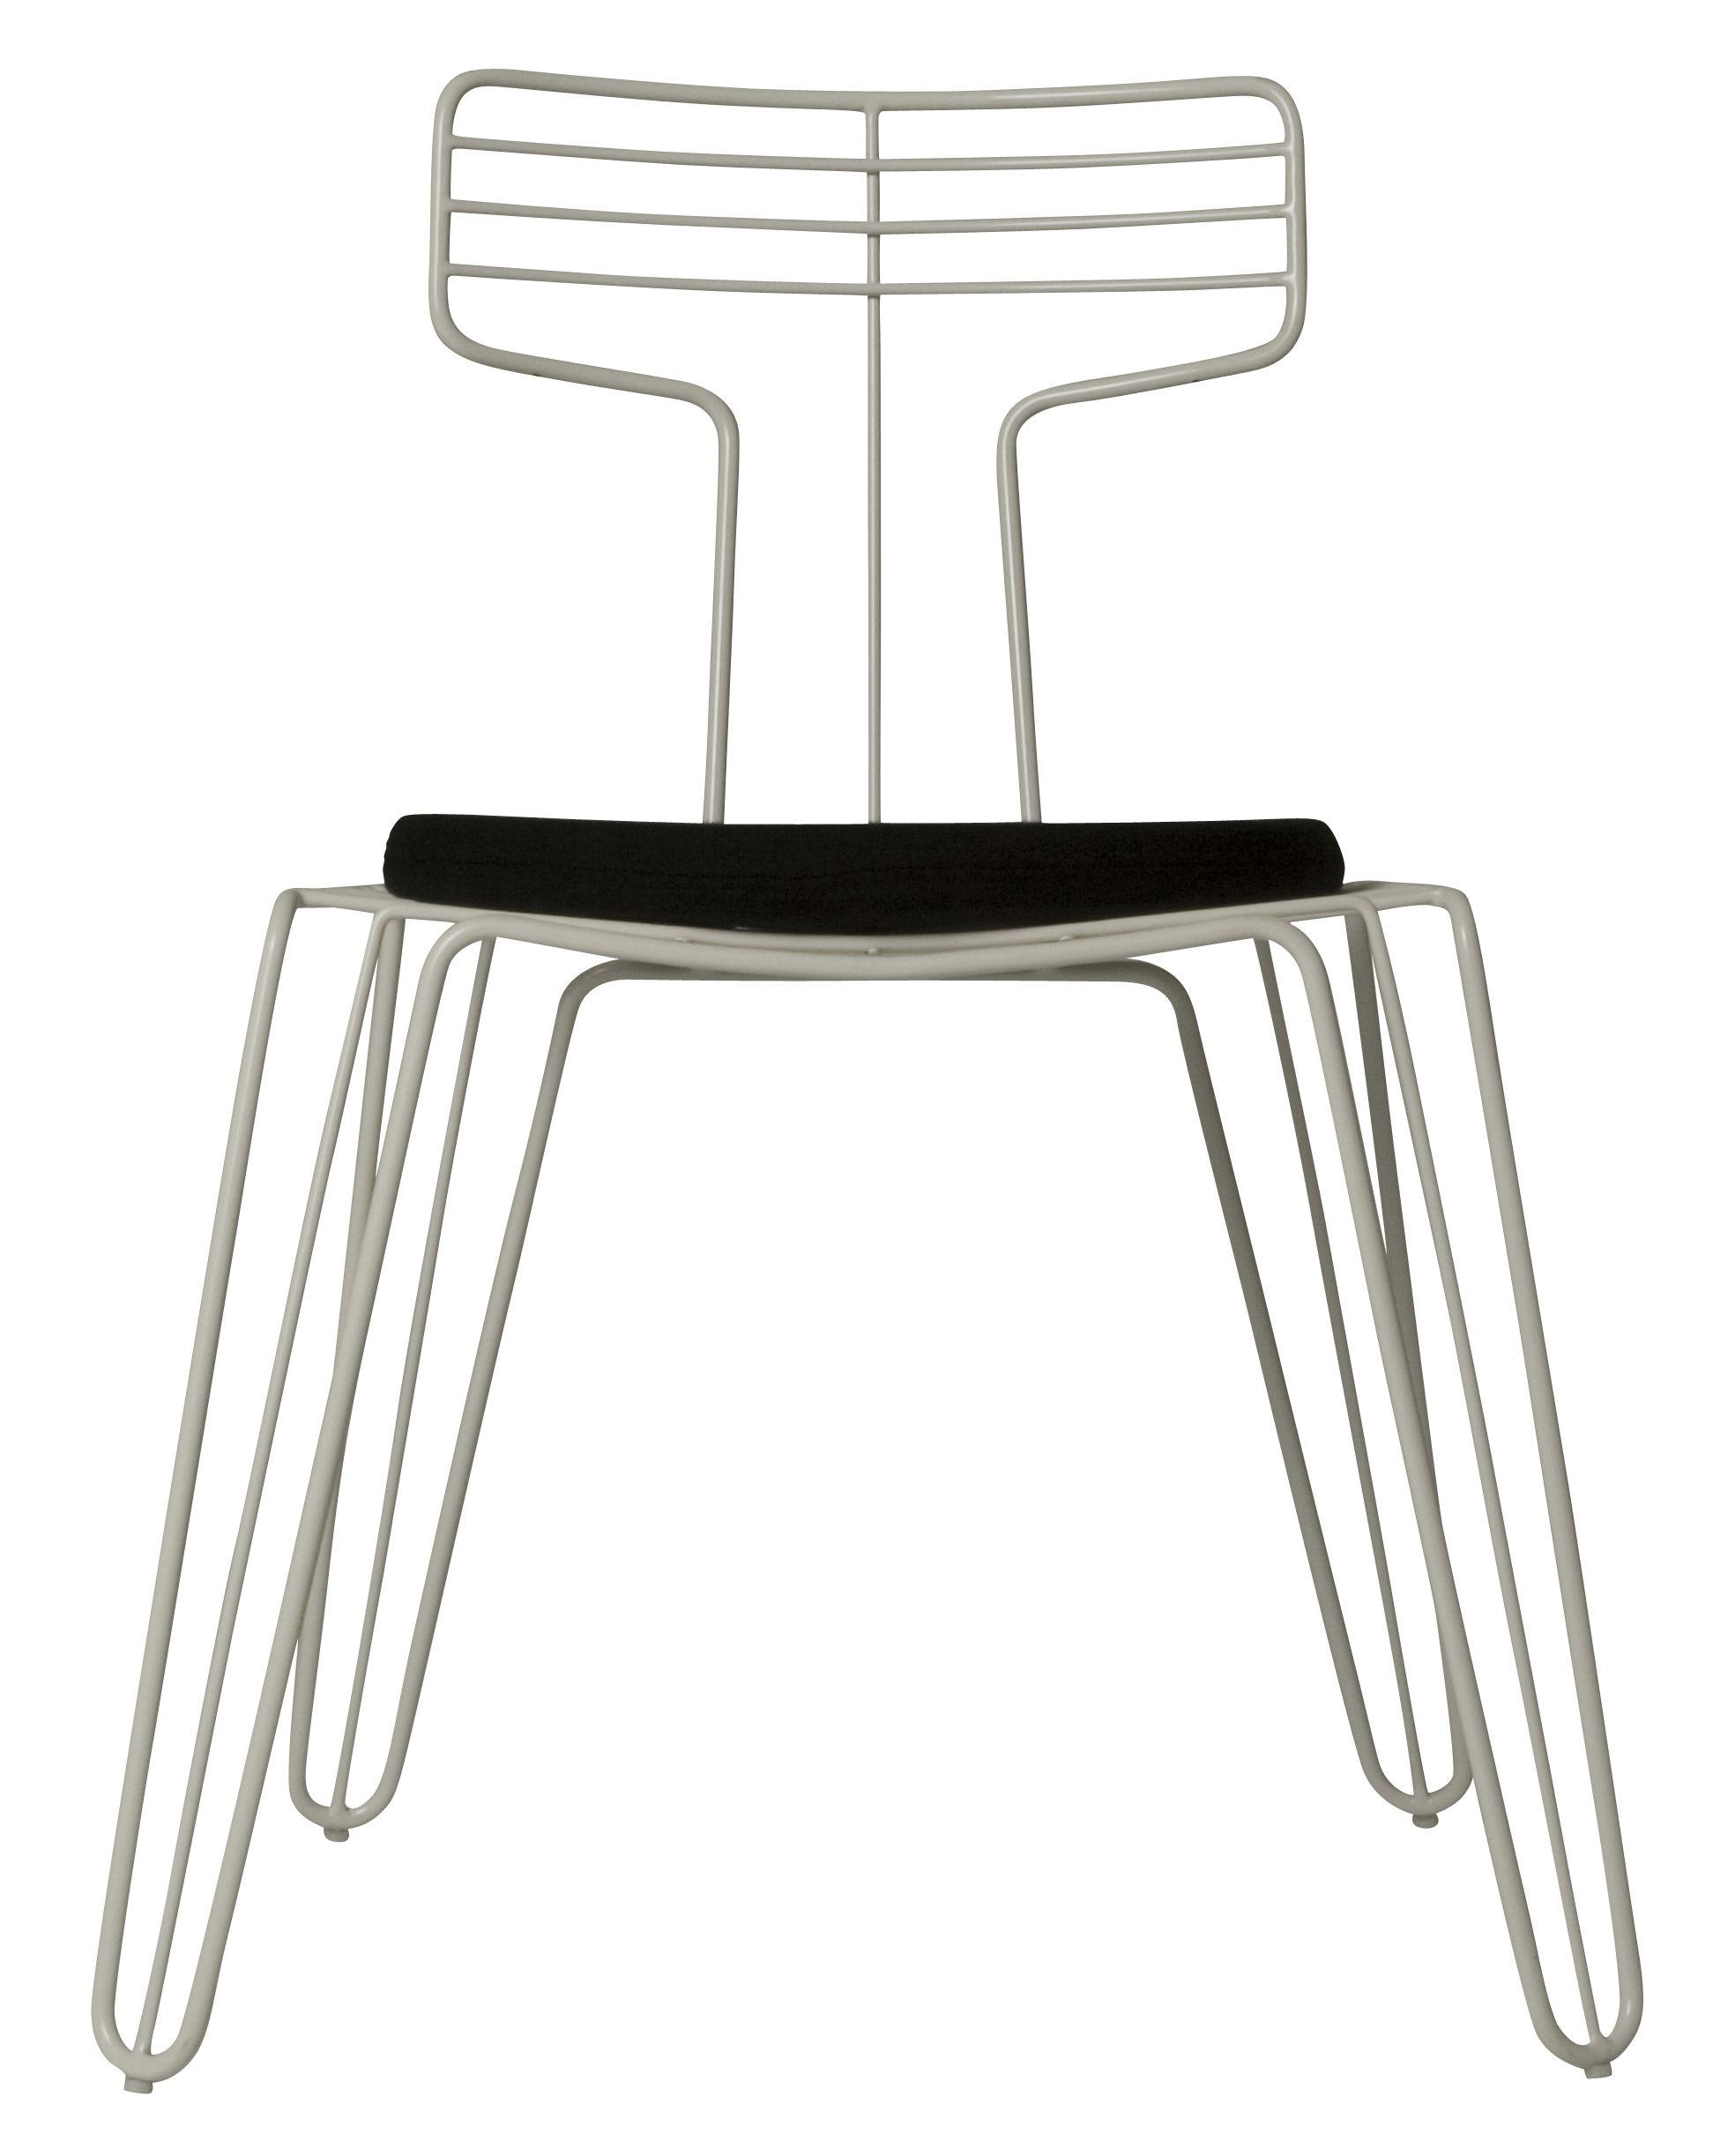 wire stuhl tom dixon stuhl. Black Bedroom Furniture Sets. Home Design Ideas